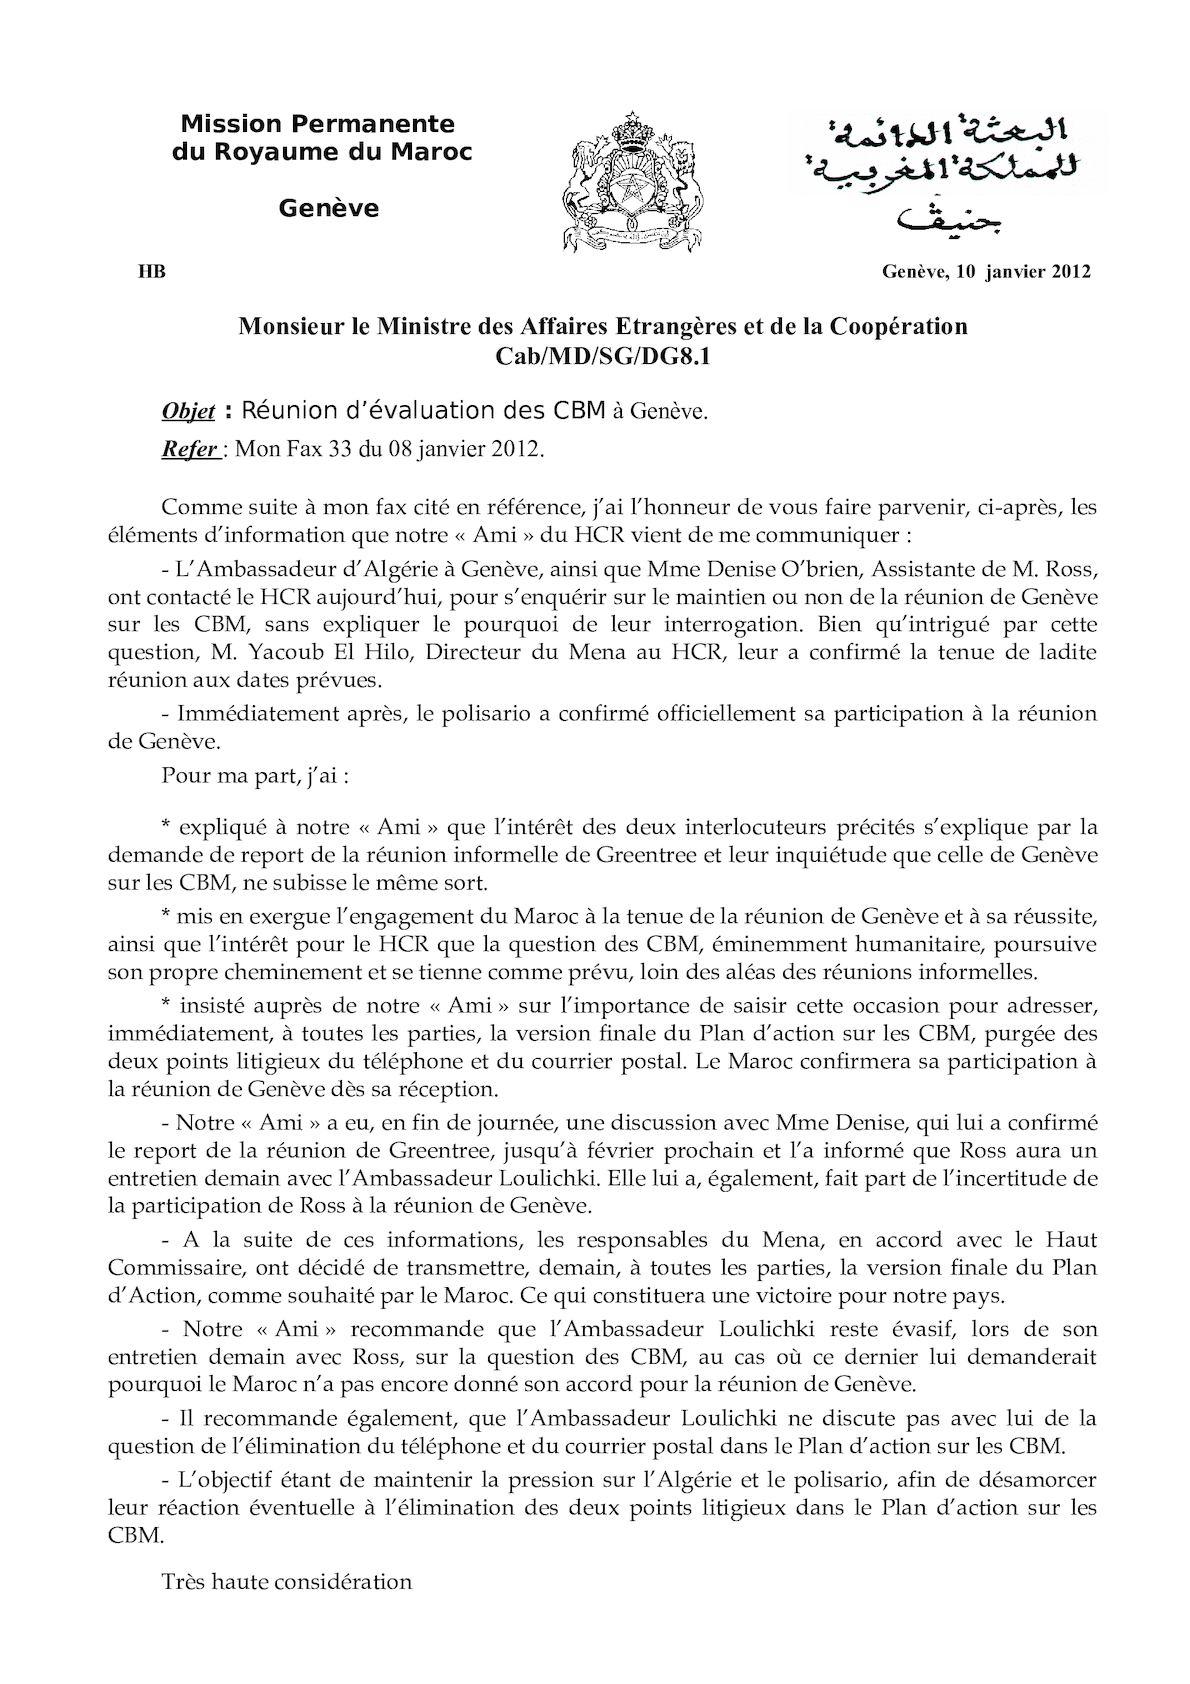 Fax 10 Janvier 2012 Réunion D'éval Des Cbm